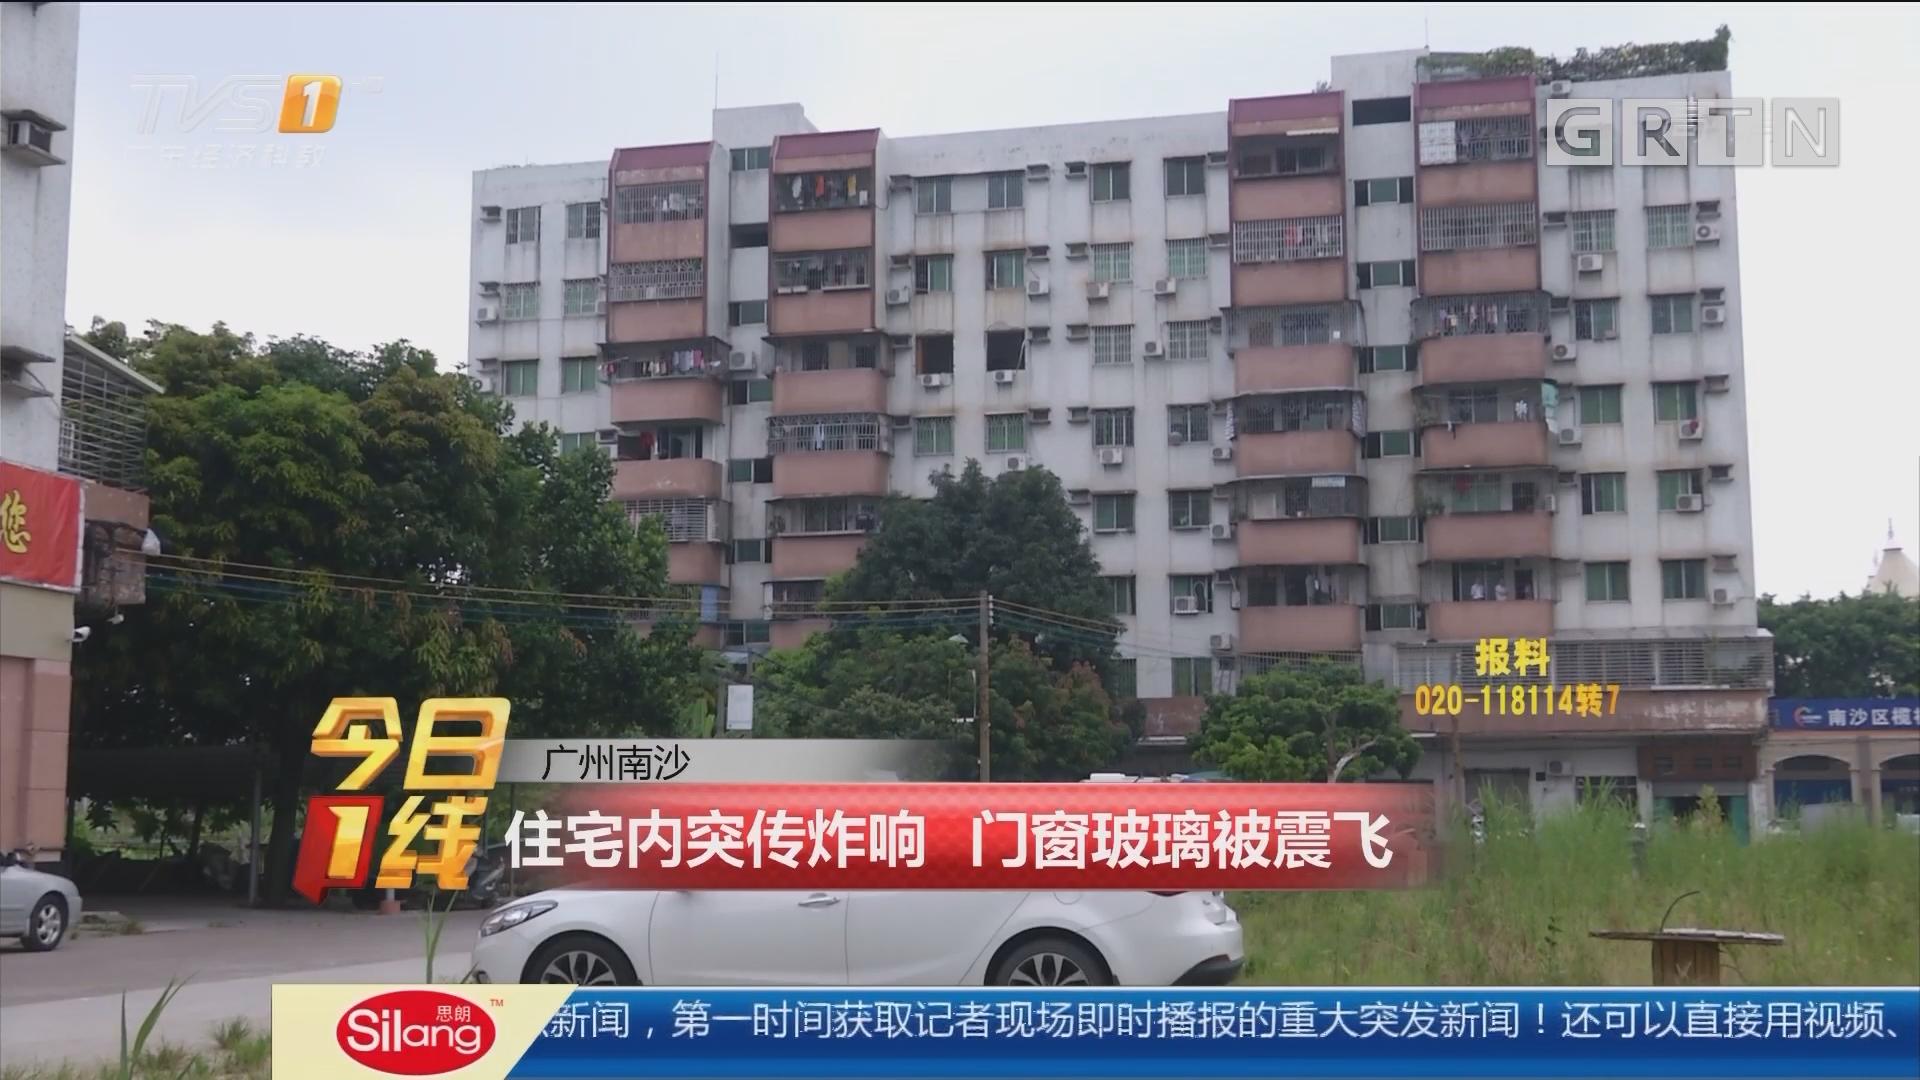 广州南沙:住宅内突传炸响 门窗玻璃被震飞